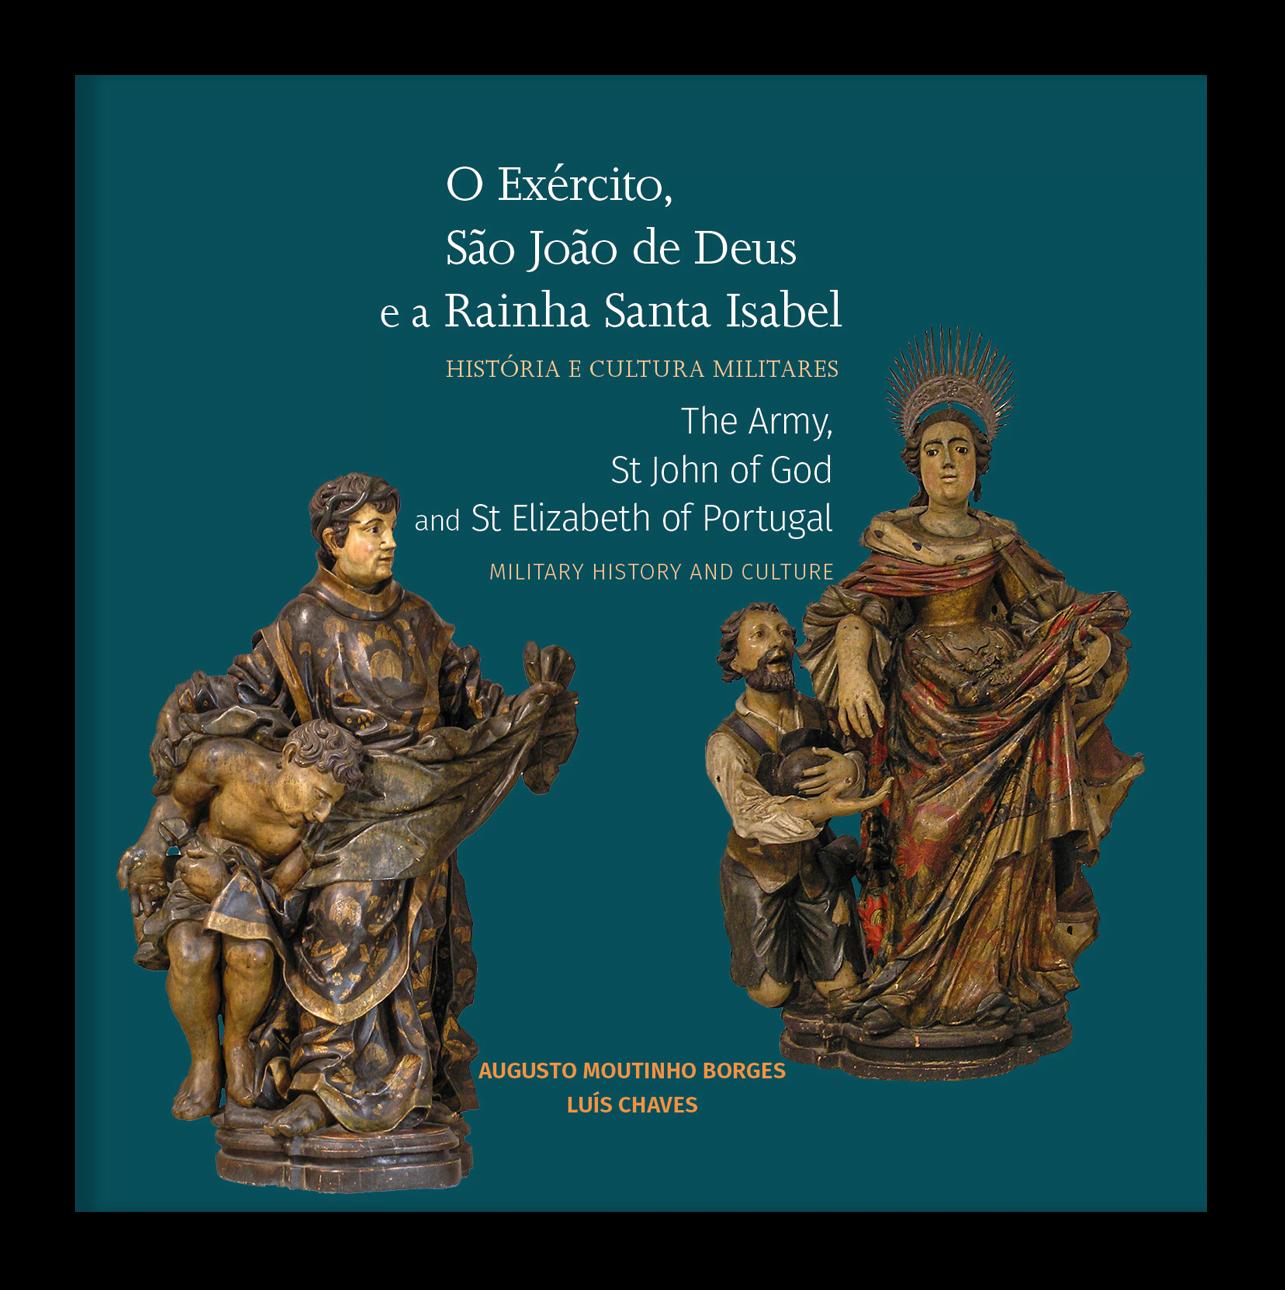 O Exército, São João de Deus e a Rainha Santa Isabel